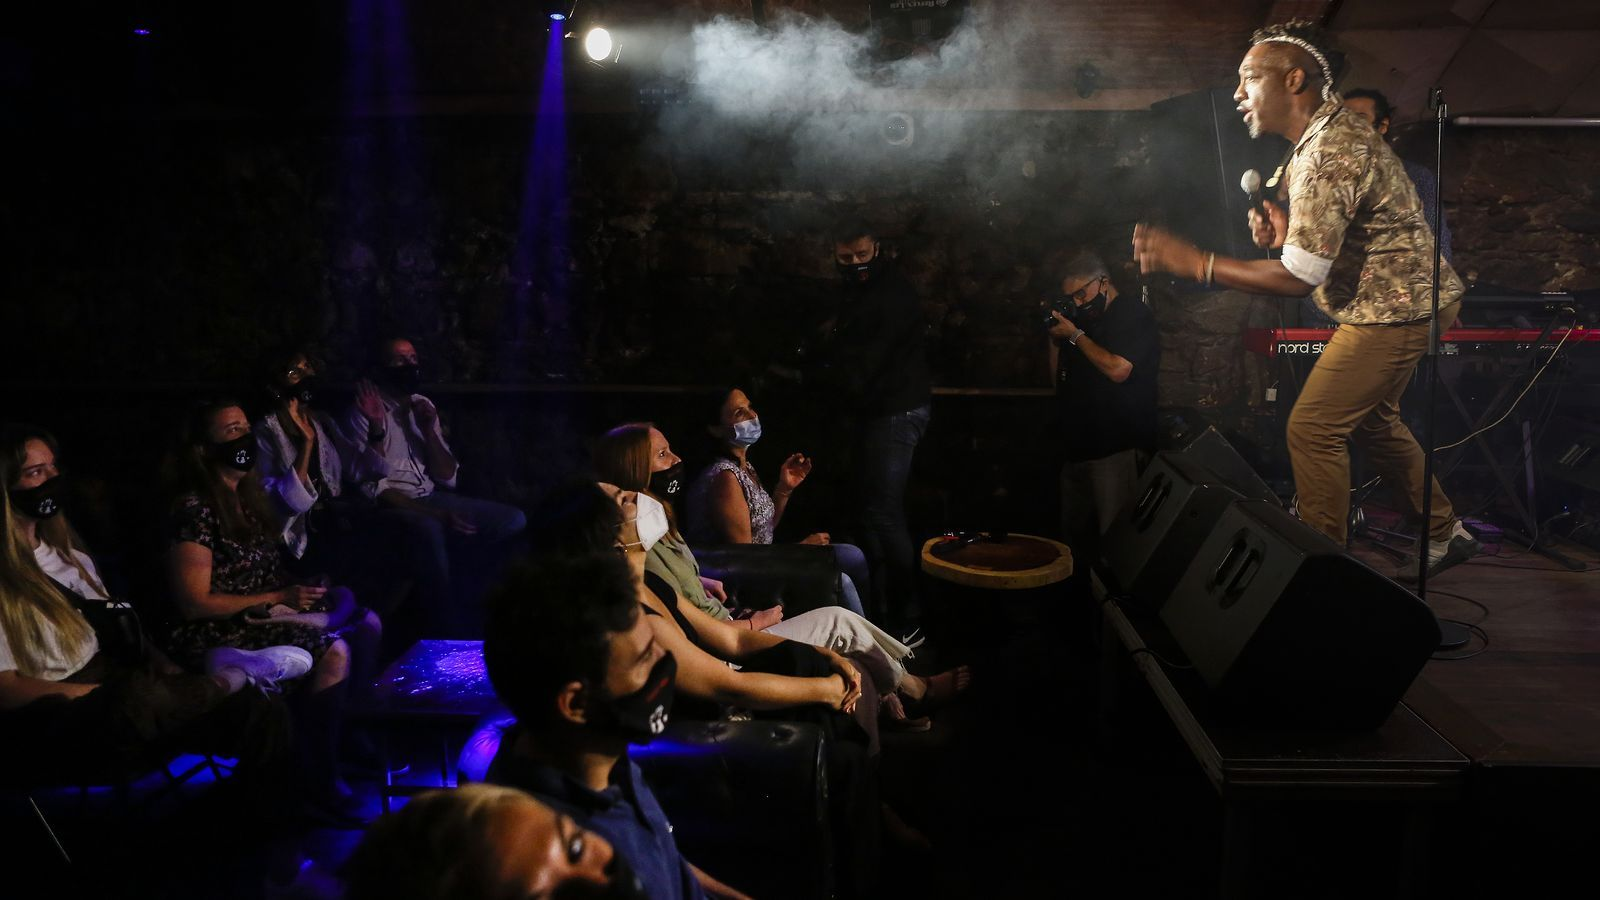 Concert de Clarence Bekker Band al Jamboree de Barcelona el passat mes de maig